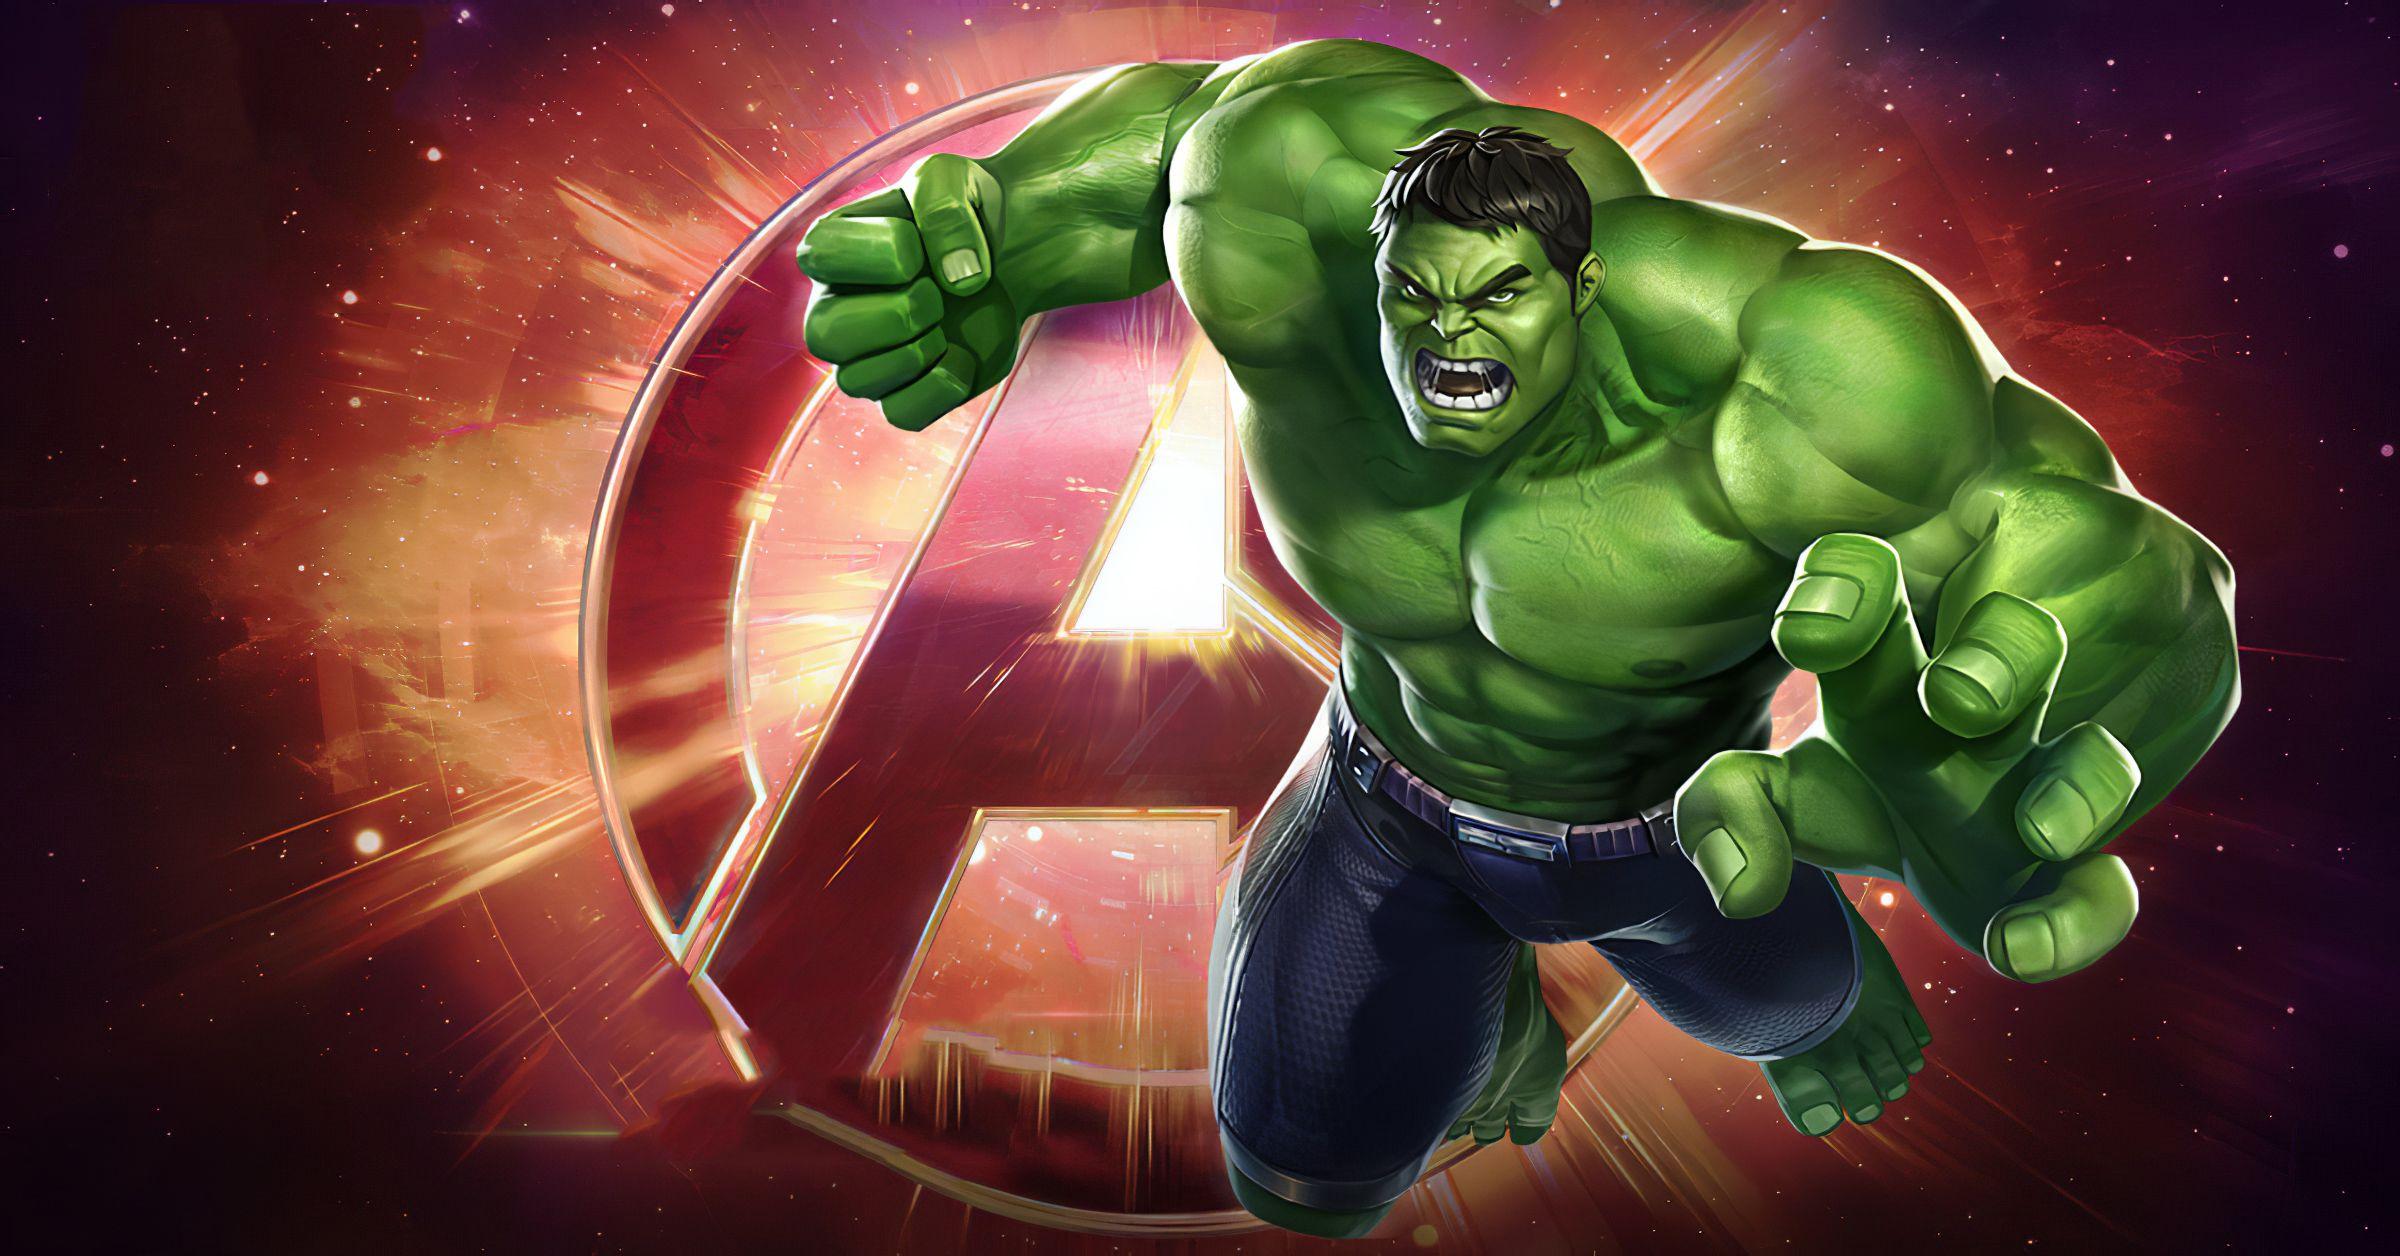 Beautiful Hulk Game Wallpaper